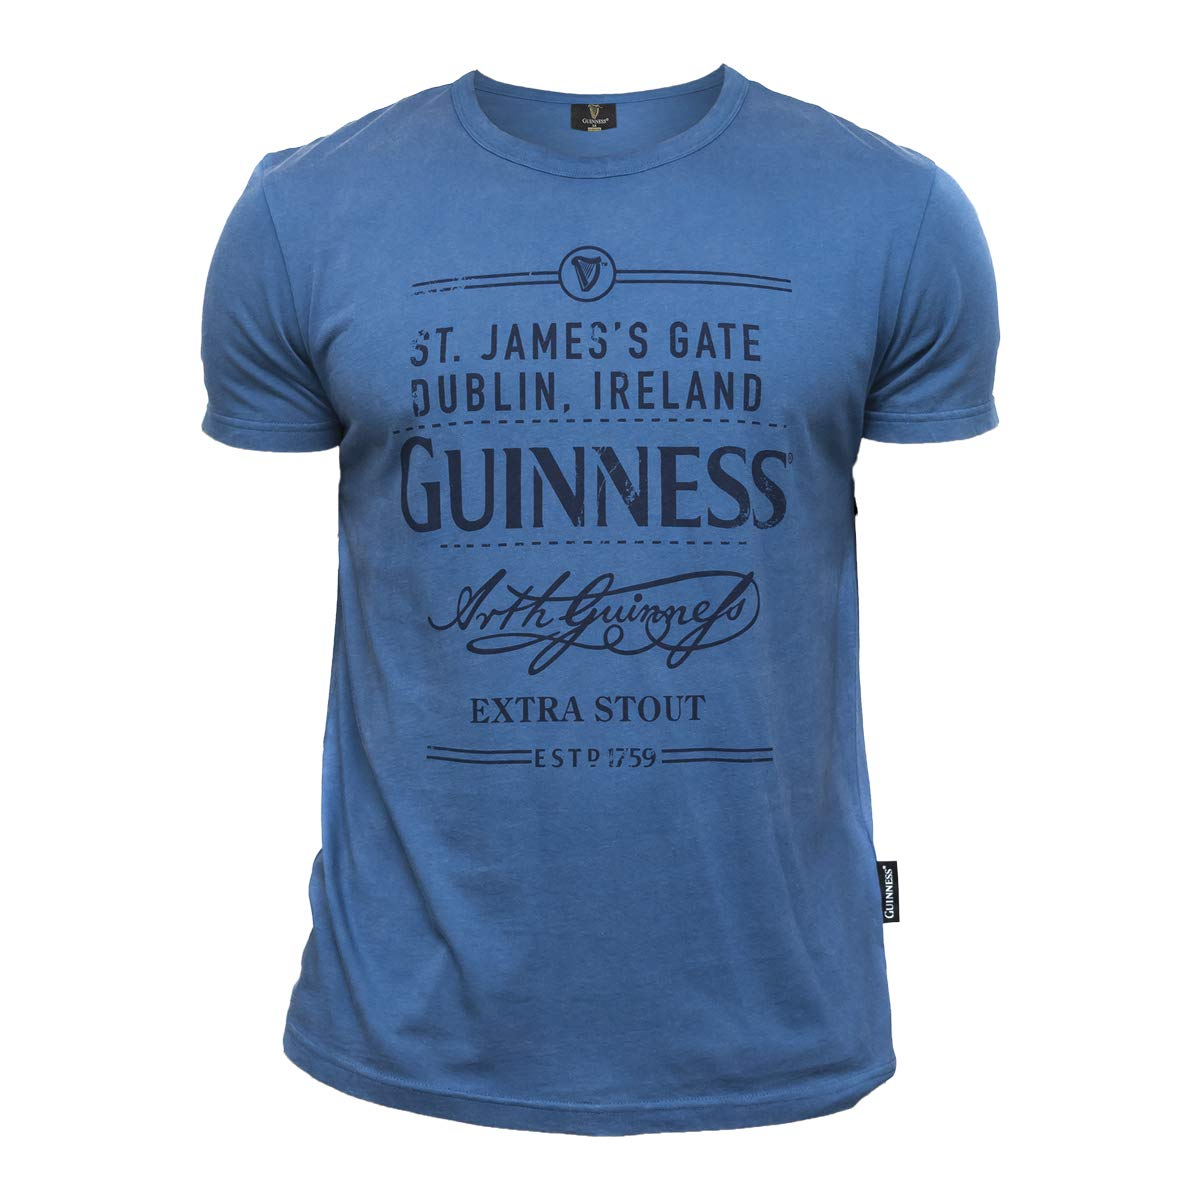 Amazon.com: Guinness St. Jamess Gate Dublin - Camiseta de ...